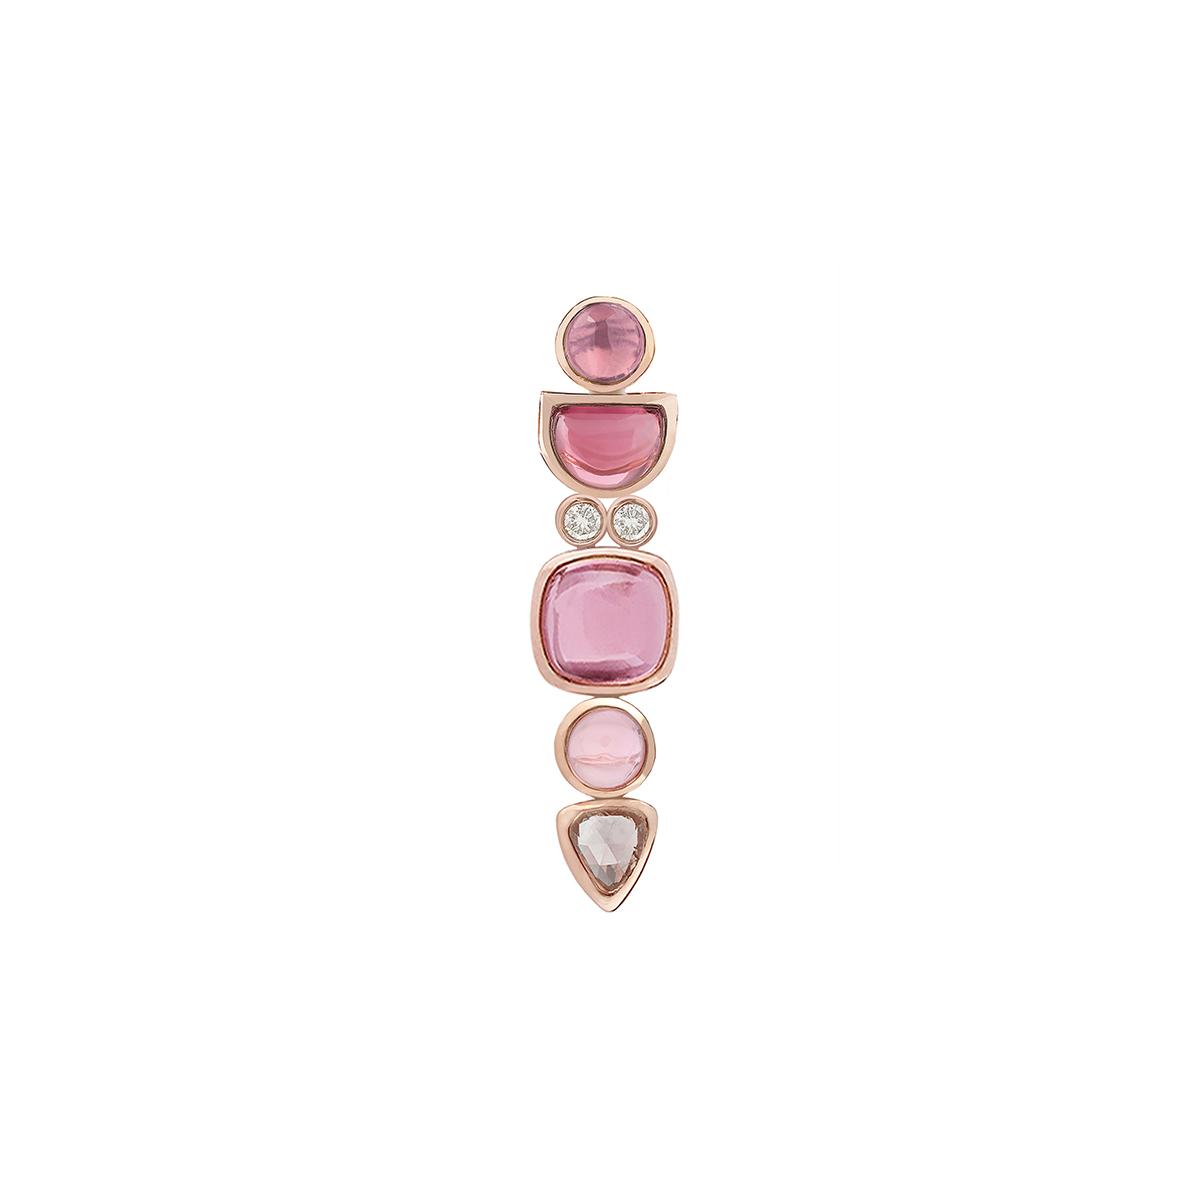 morethanthis-fine-jewelry-myrto-anastasopoulou-totem-ER0015-white